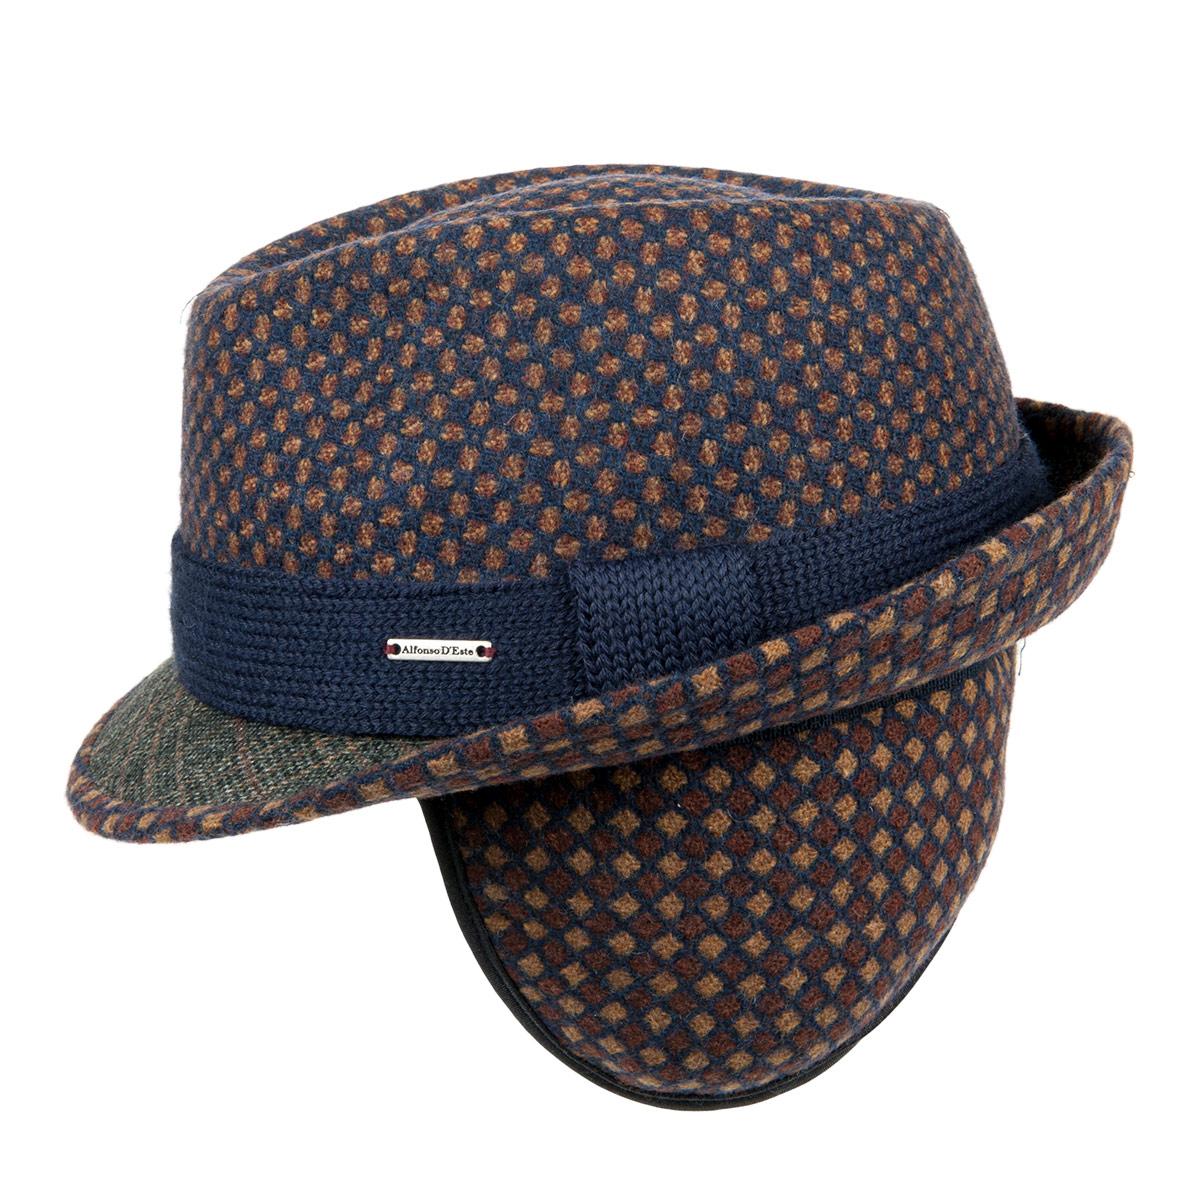 cappello trilby con paraorecchie e fodera firmato ALFONSO D ESTE 62e0097da526